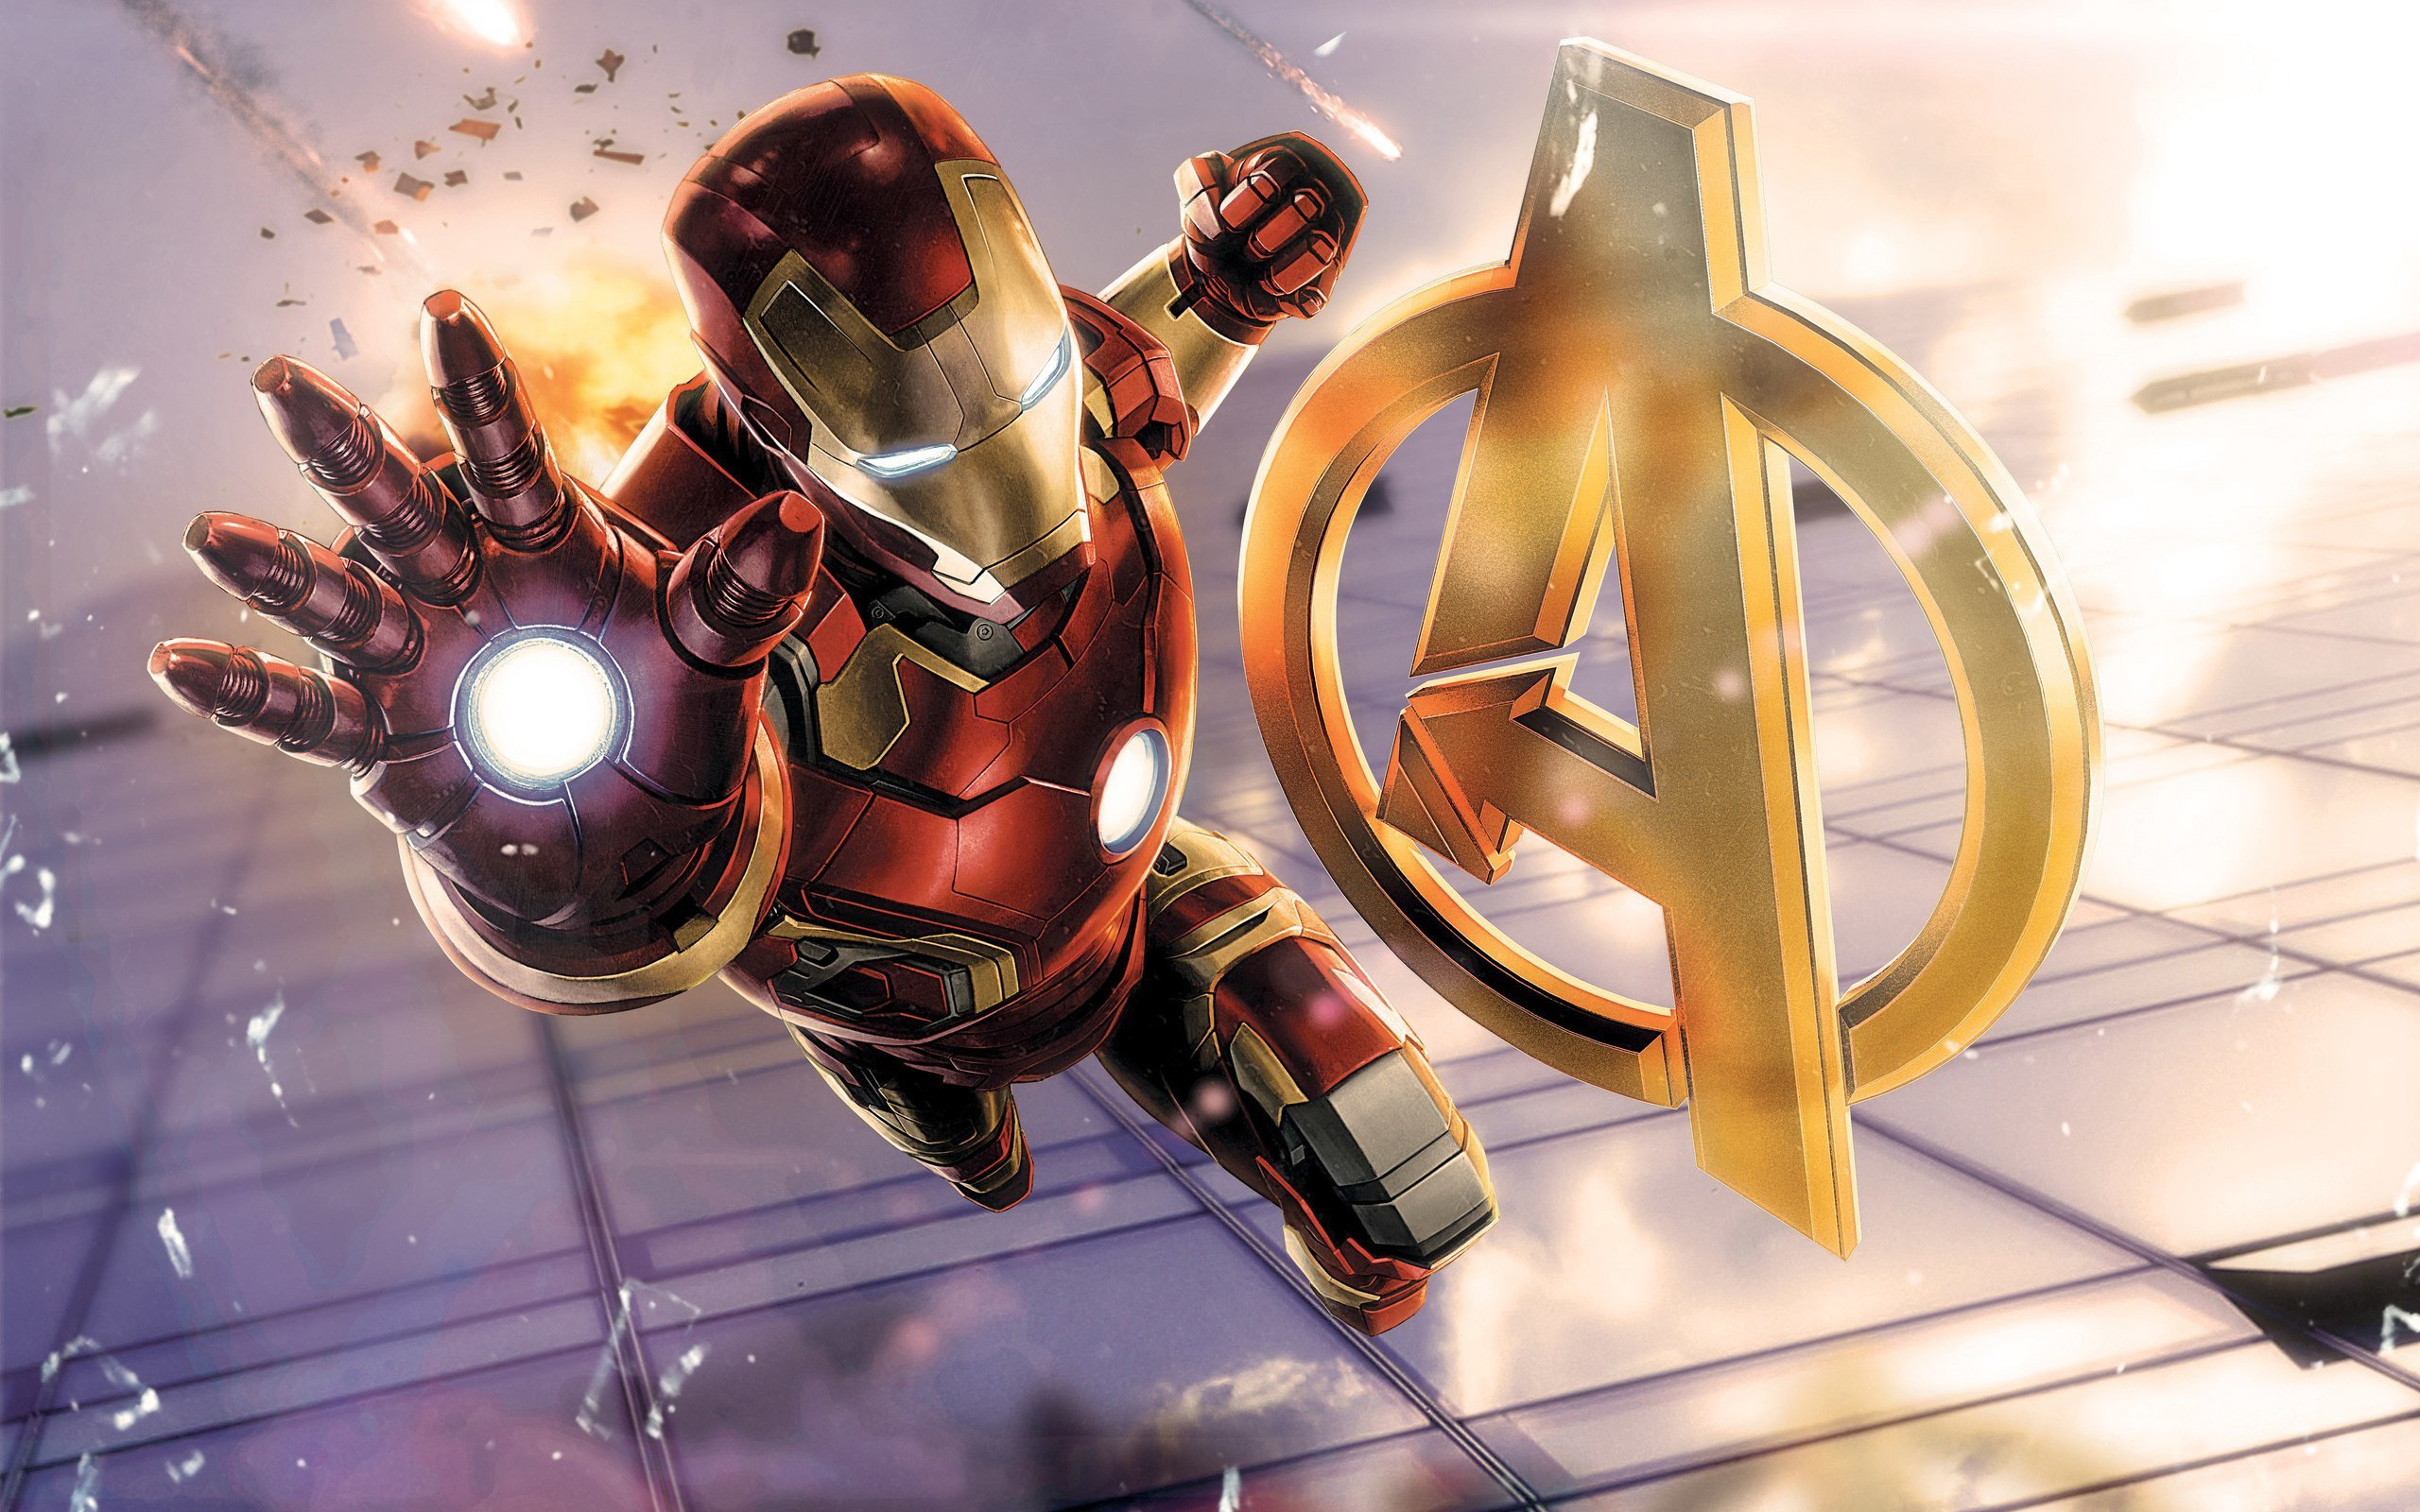 Ultra Hd Desktop Wallpapers 2048x1152 Iron Man Avengers 2048x1152 Resolution Hd 4k